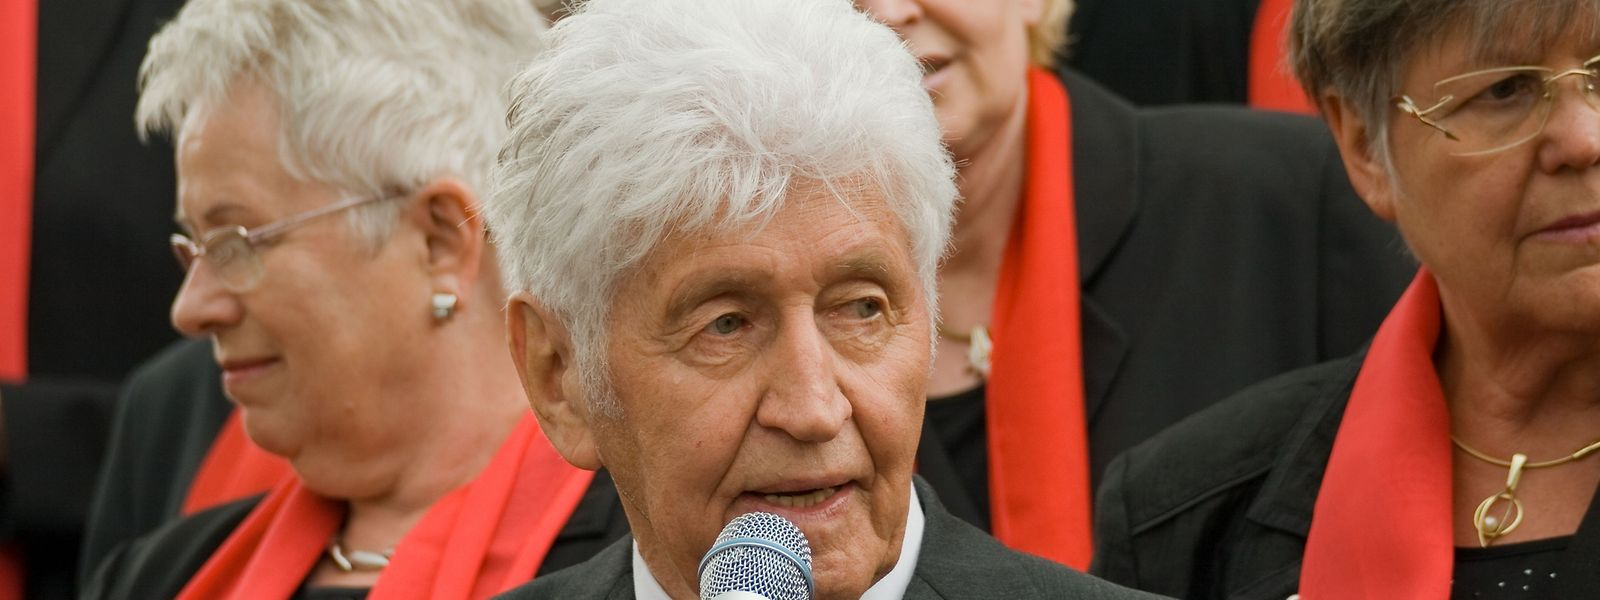 """Auch im Fernsehen war Gotthilf Fischer häufig zu sehen – vor allem als Gast in Volksmusik-Sendungen. Die von ihm initiierte ARD-Reihe """"Straße der Lieder"""" wurde 2008 nach zwölf Jahren eingestellt."""